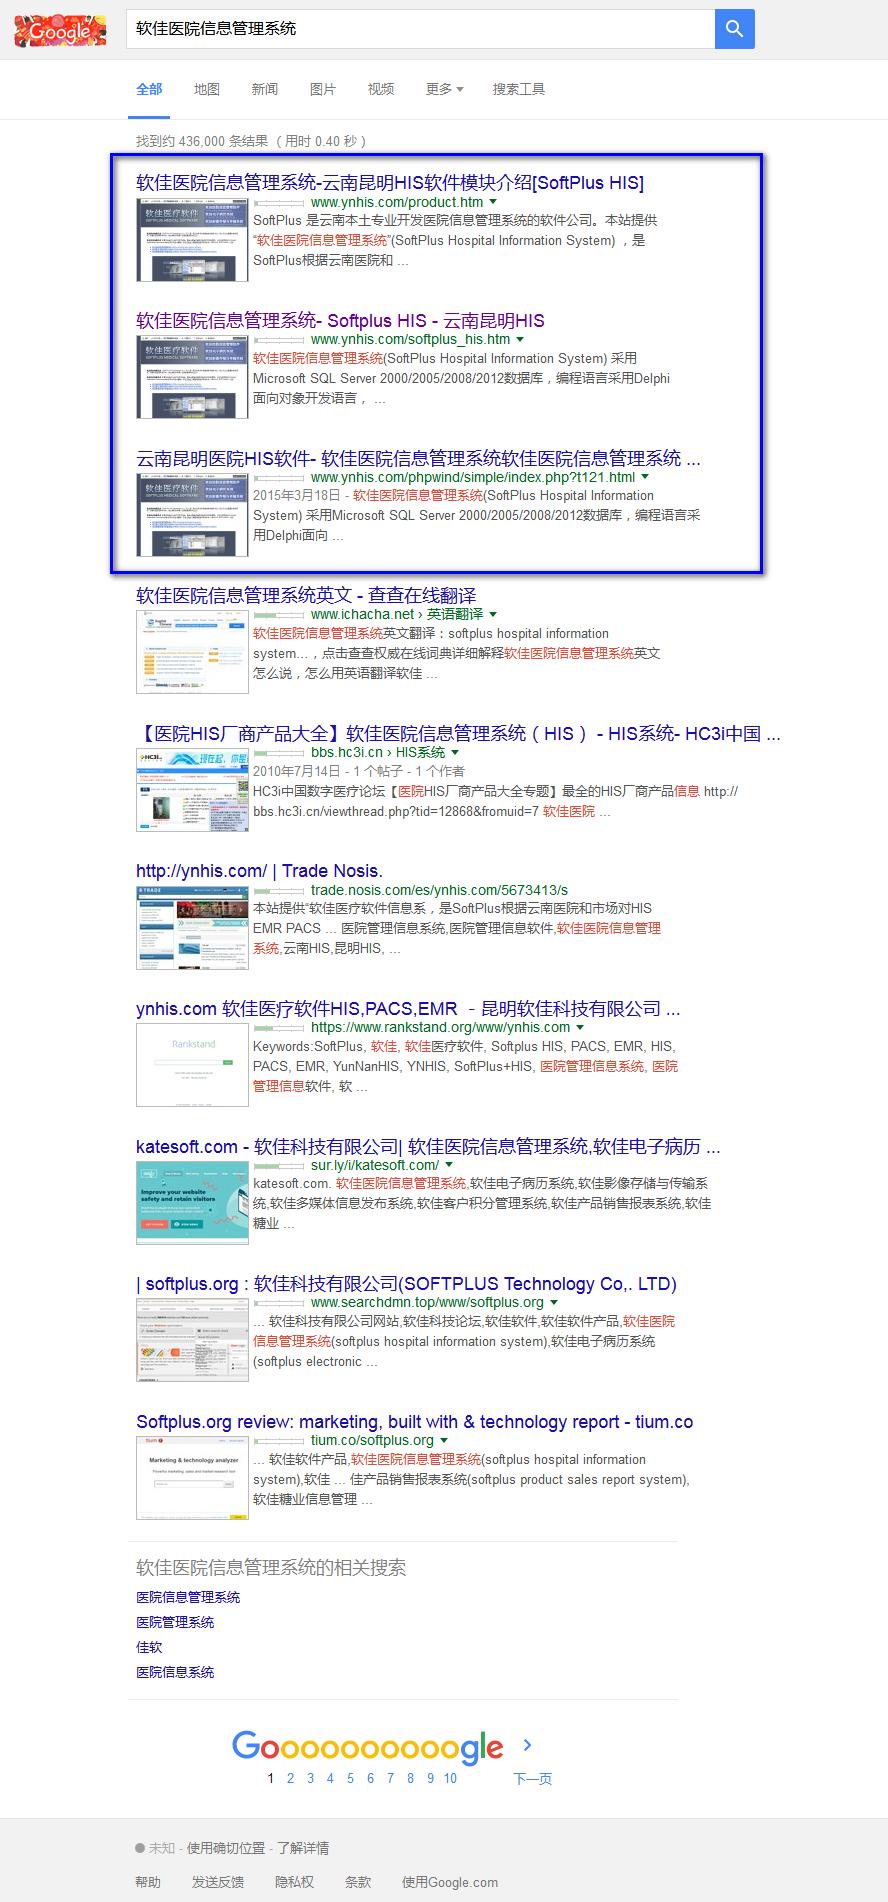 软佳医院信息管理系统 - Google 搜索